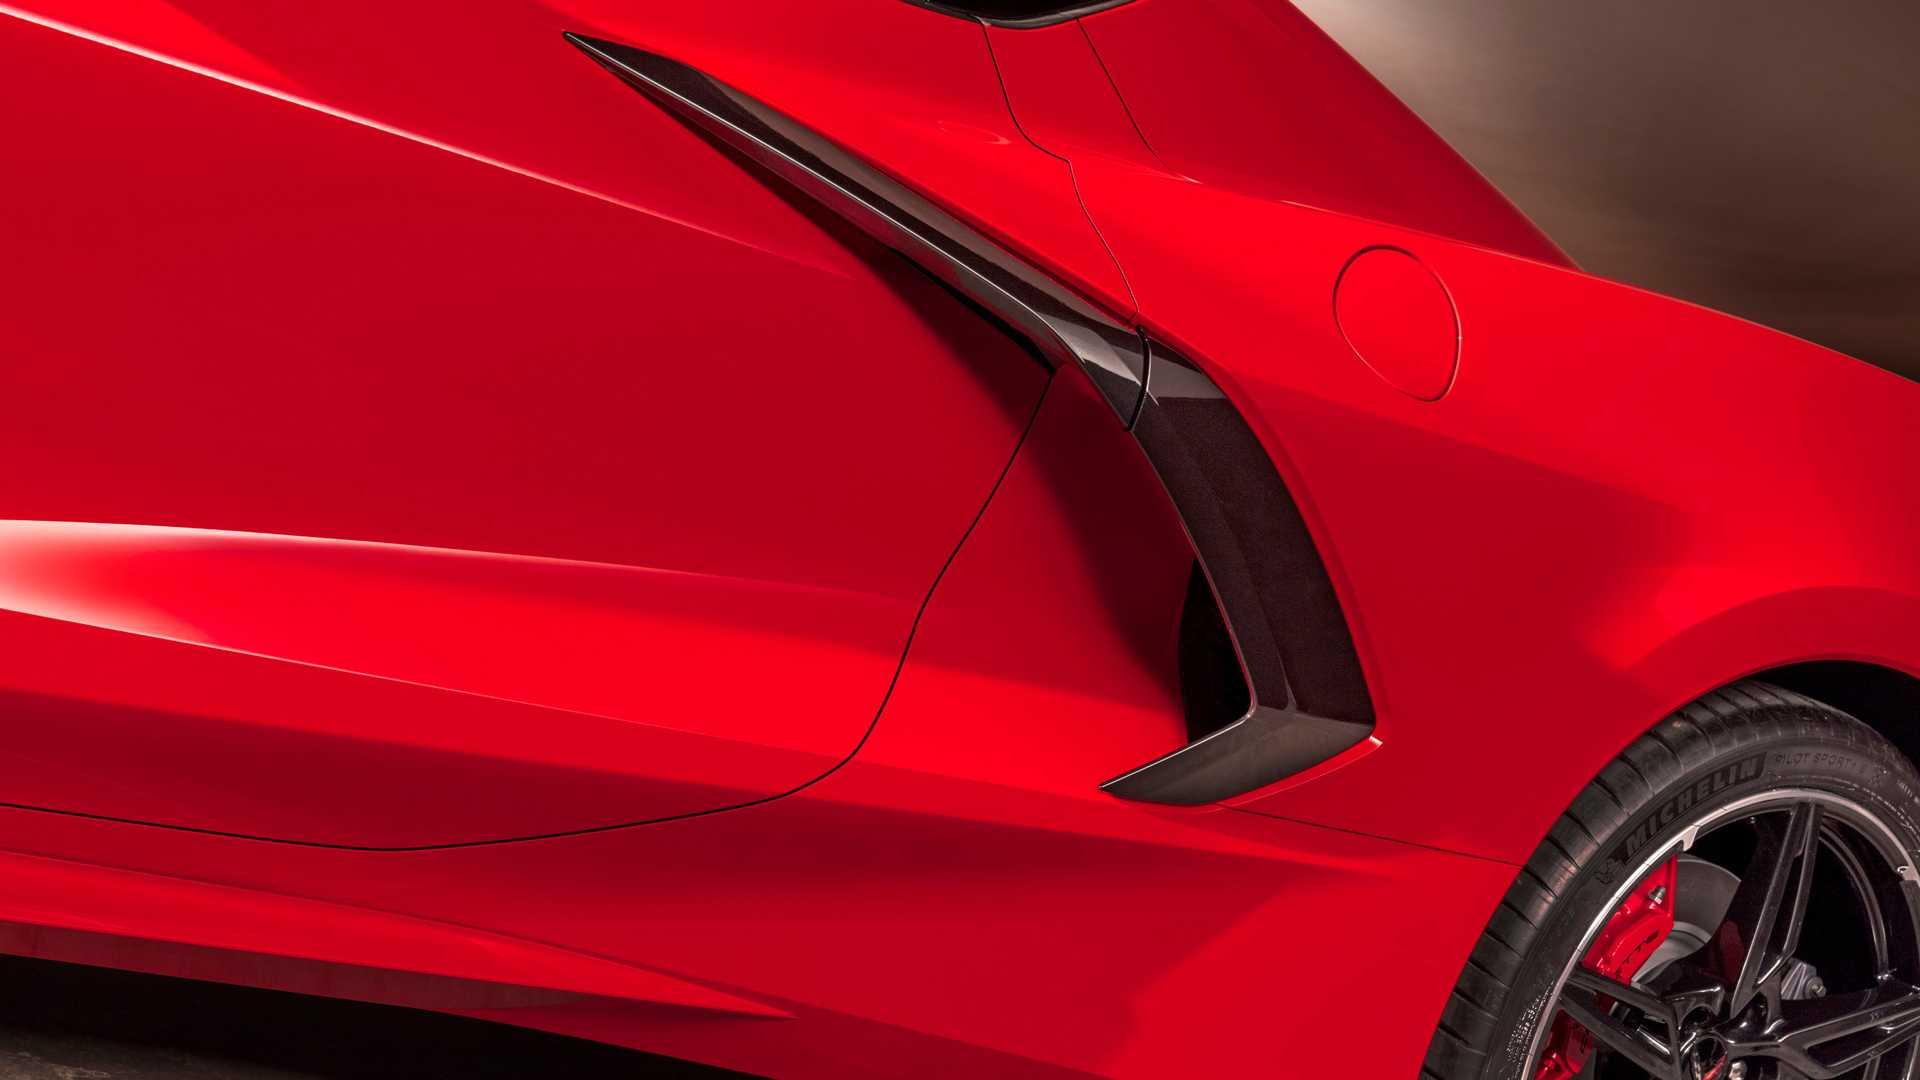 2020-chevrolet-corvette-stingray (14).jpg